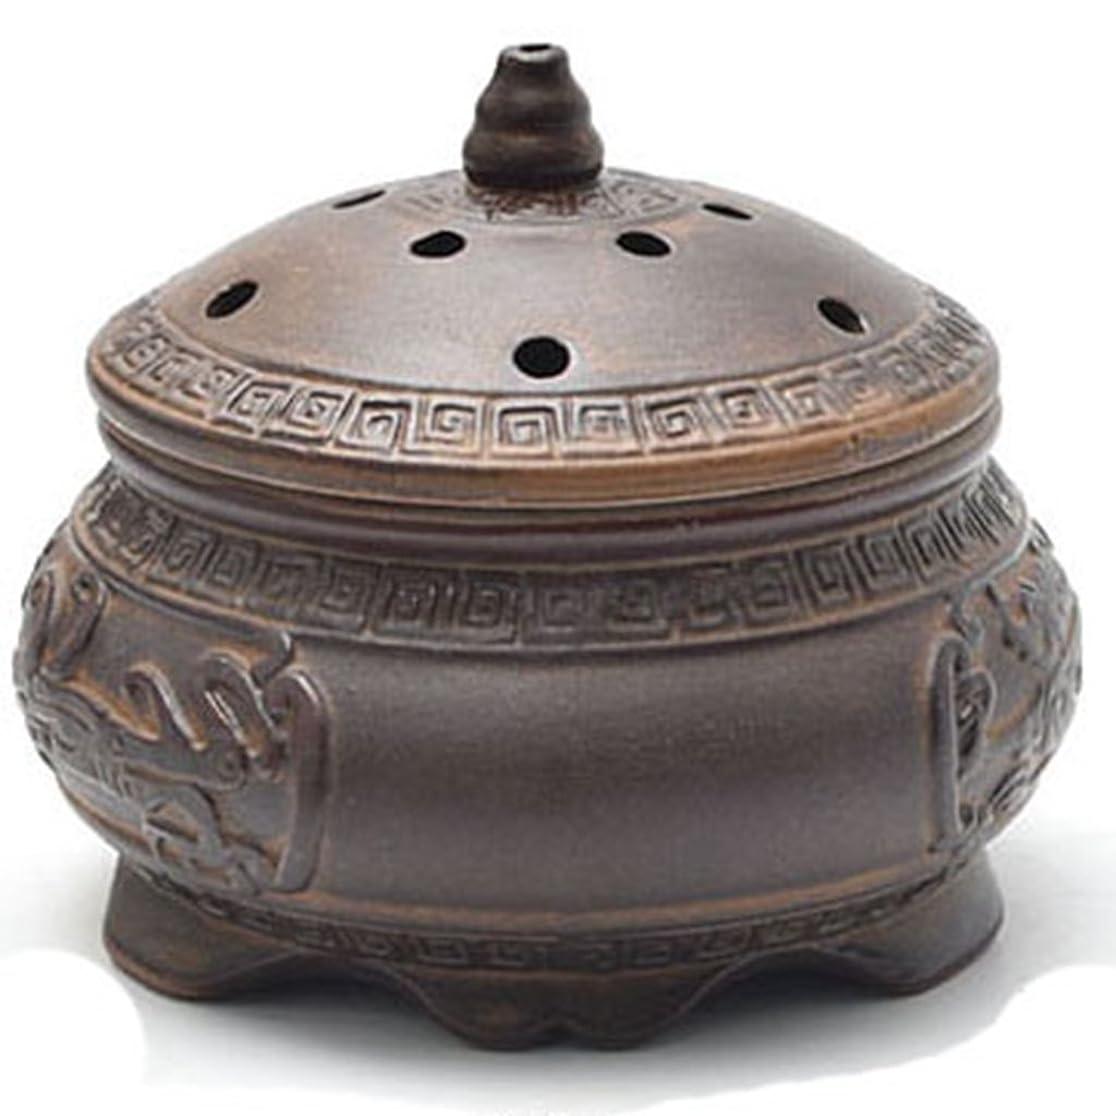 猟犬レビュー支援(ラシューバー) Lasuiveur 香炉 線香立て 香立て 職人さんの手作り 茶道用品 おしゃれ